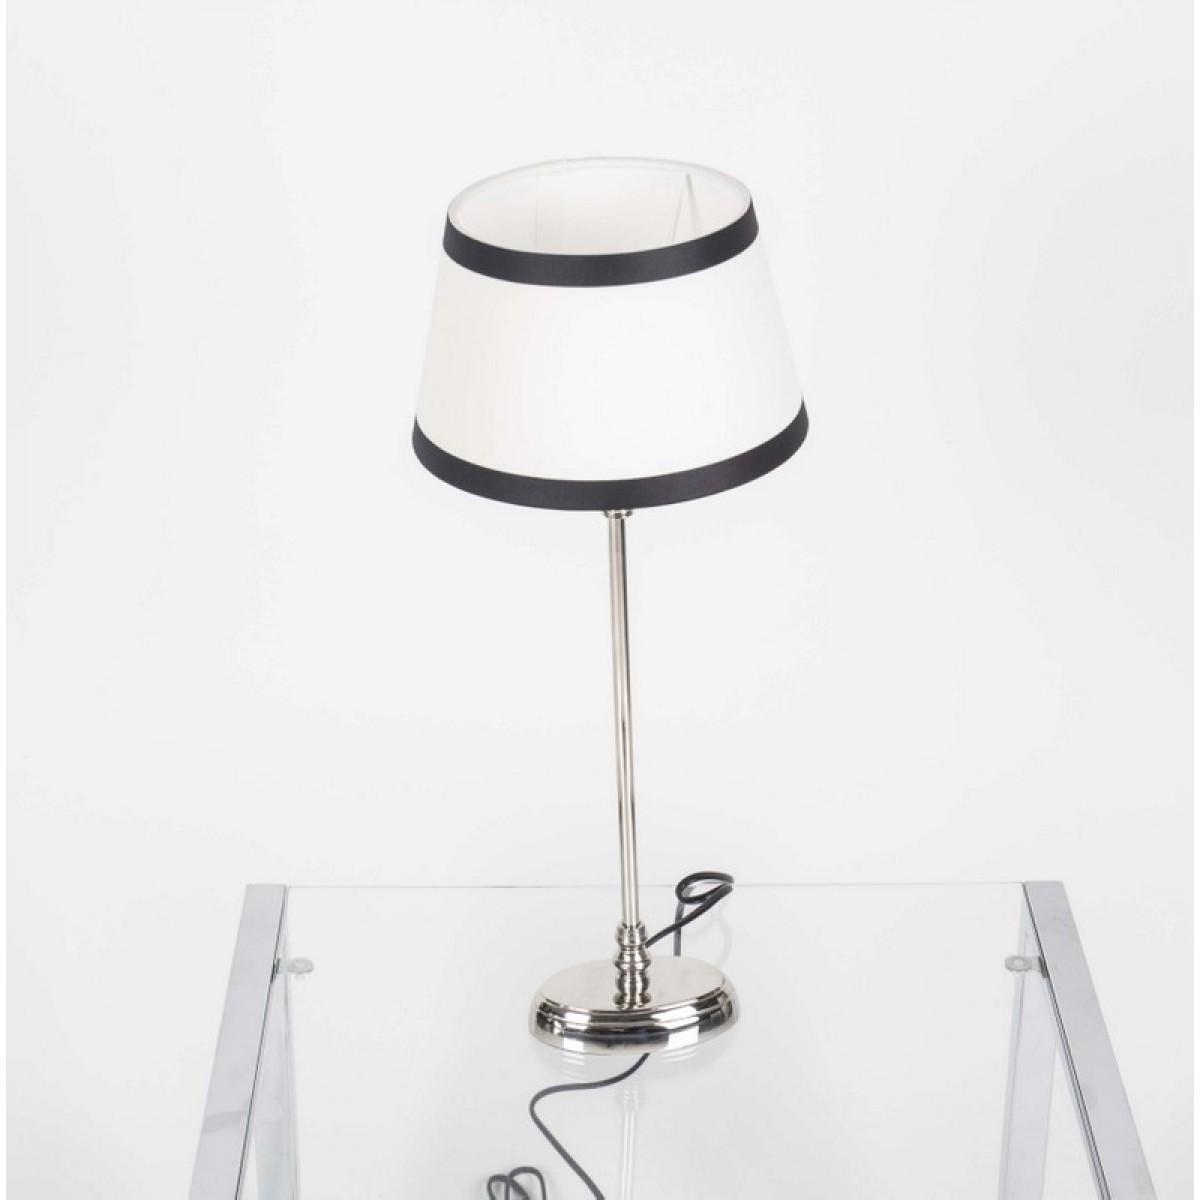 tischlampe mit lampenschirm wei schwarz tischlampe verchromt h he 50 cm. Black Bedroom Furniture Sets. Home Design Ideas